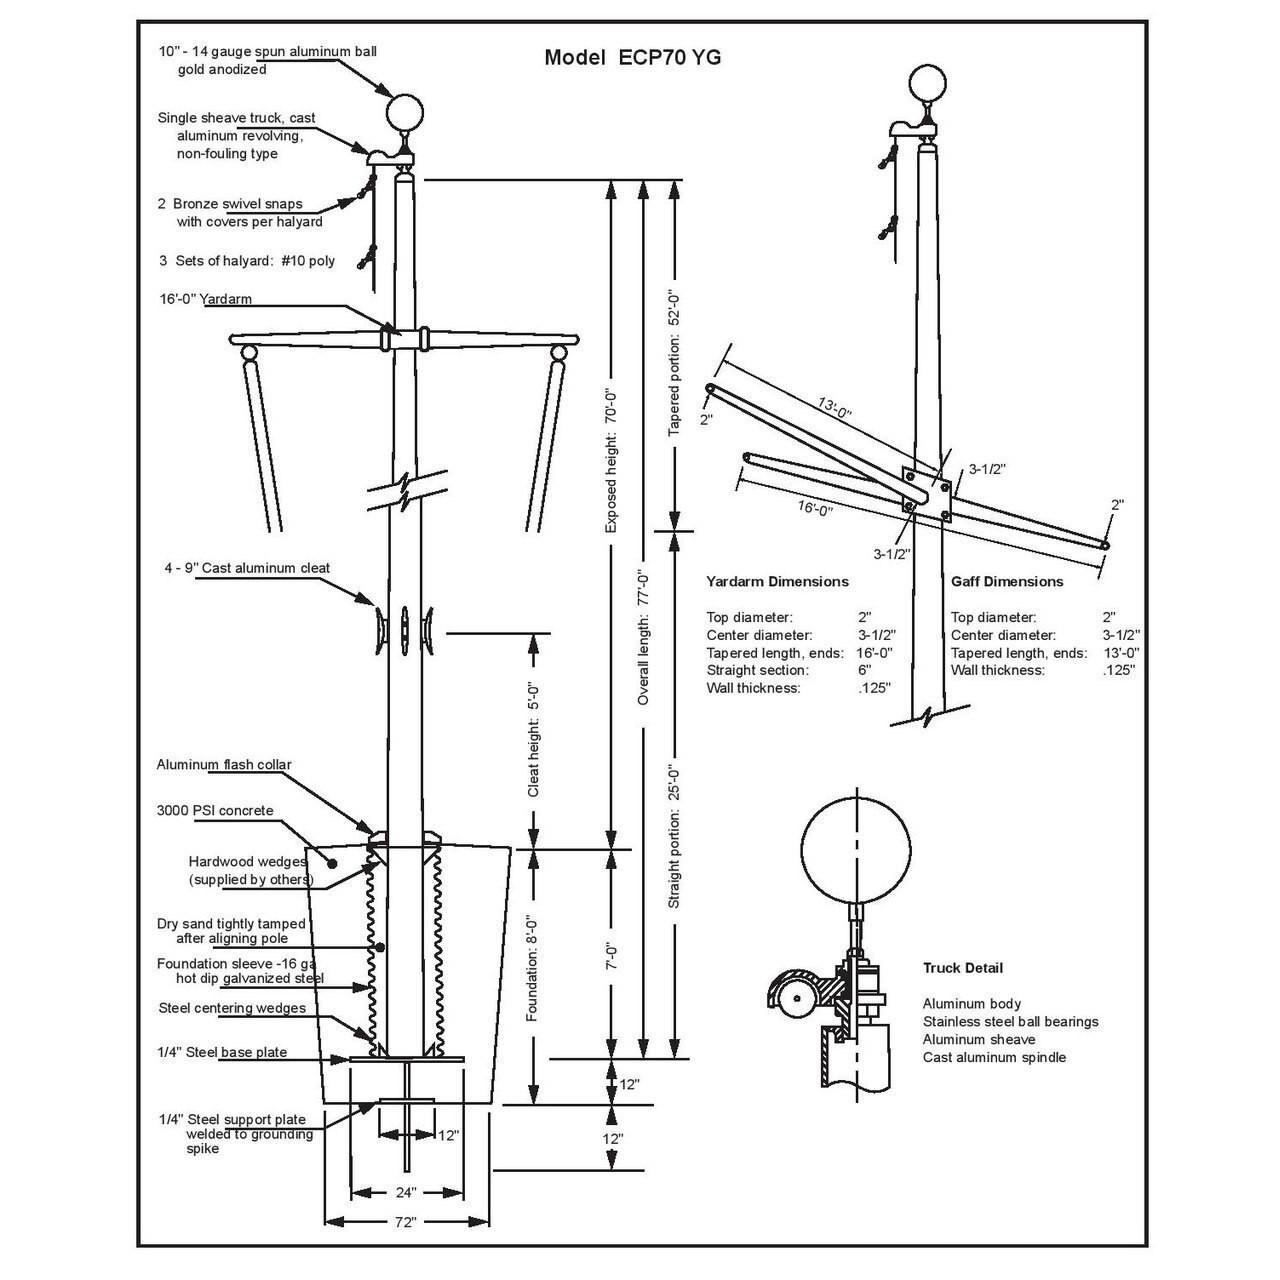 70 Nautical Flagpole w/ Yardarm, Gaff and Collar ECP70YG